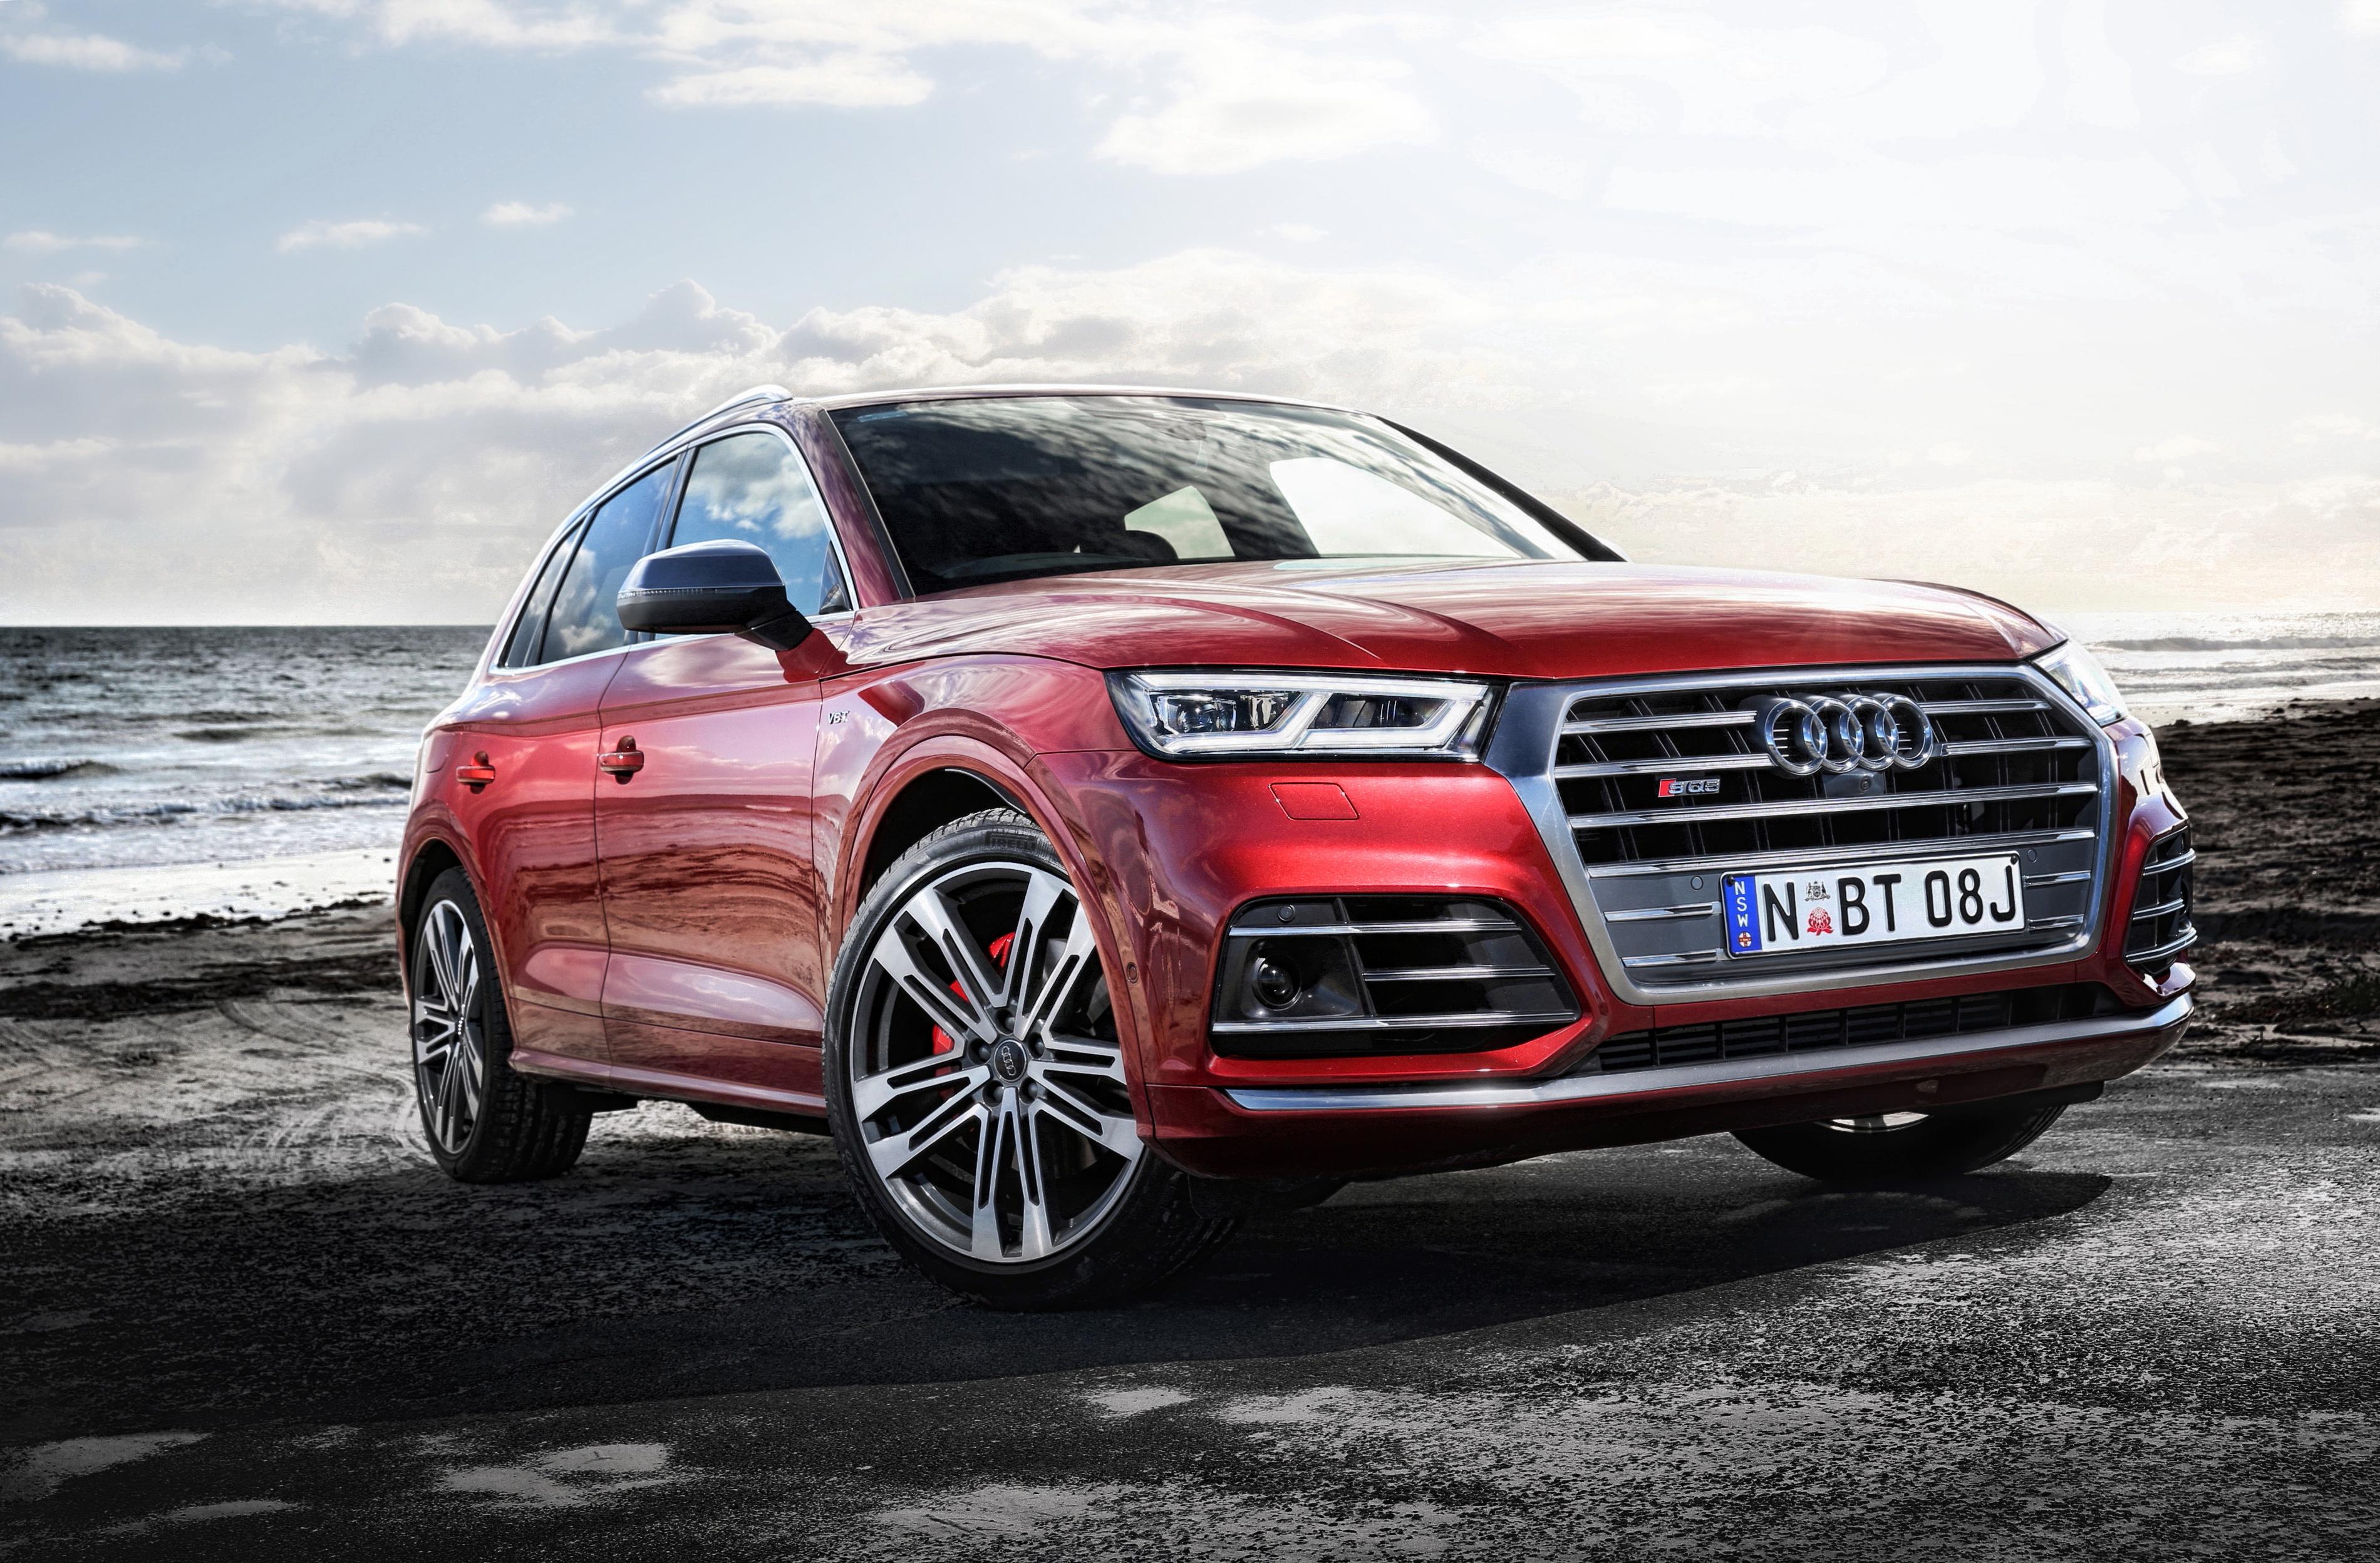 Audi Q5 Fondo De Pantalla Hd Fondo De Escritorio